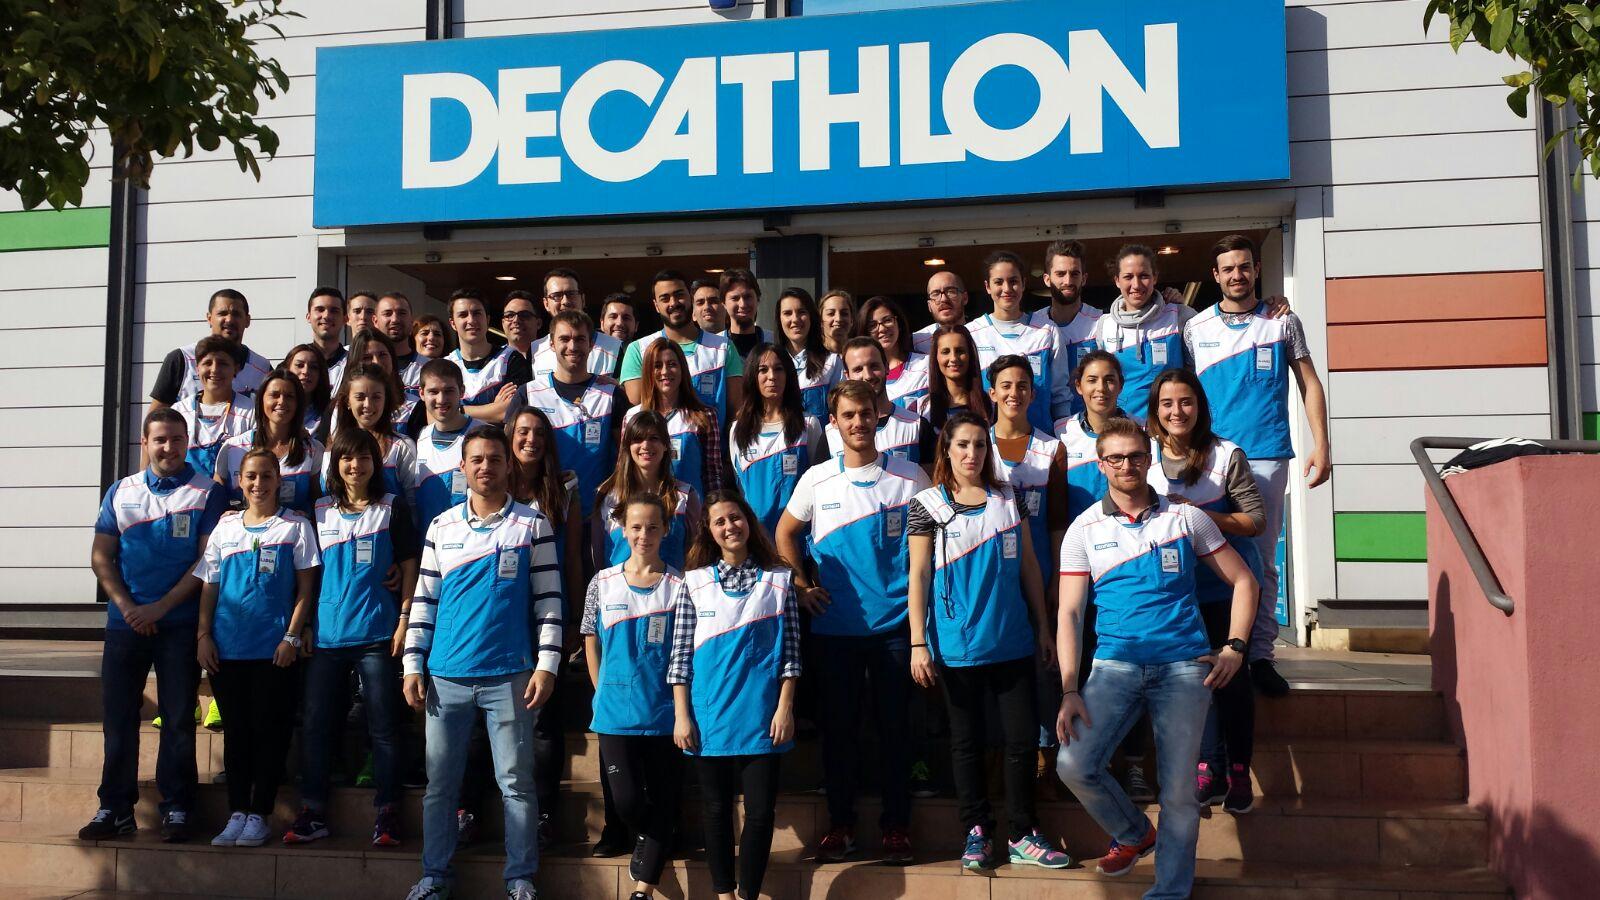 Mejor reputación en retail para Decathlon